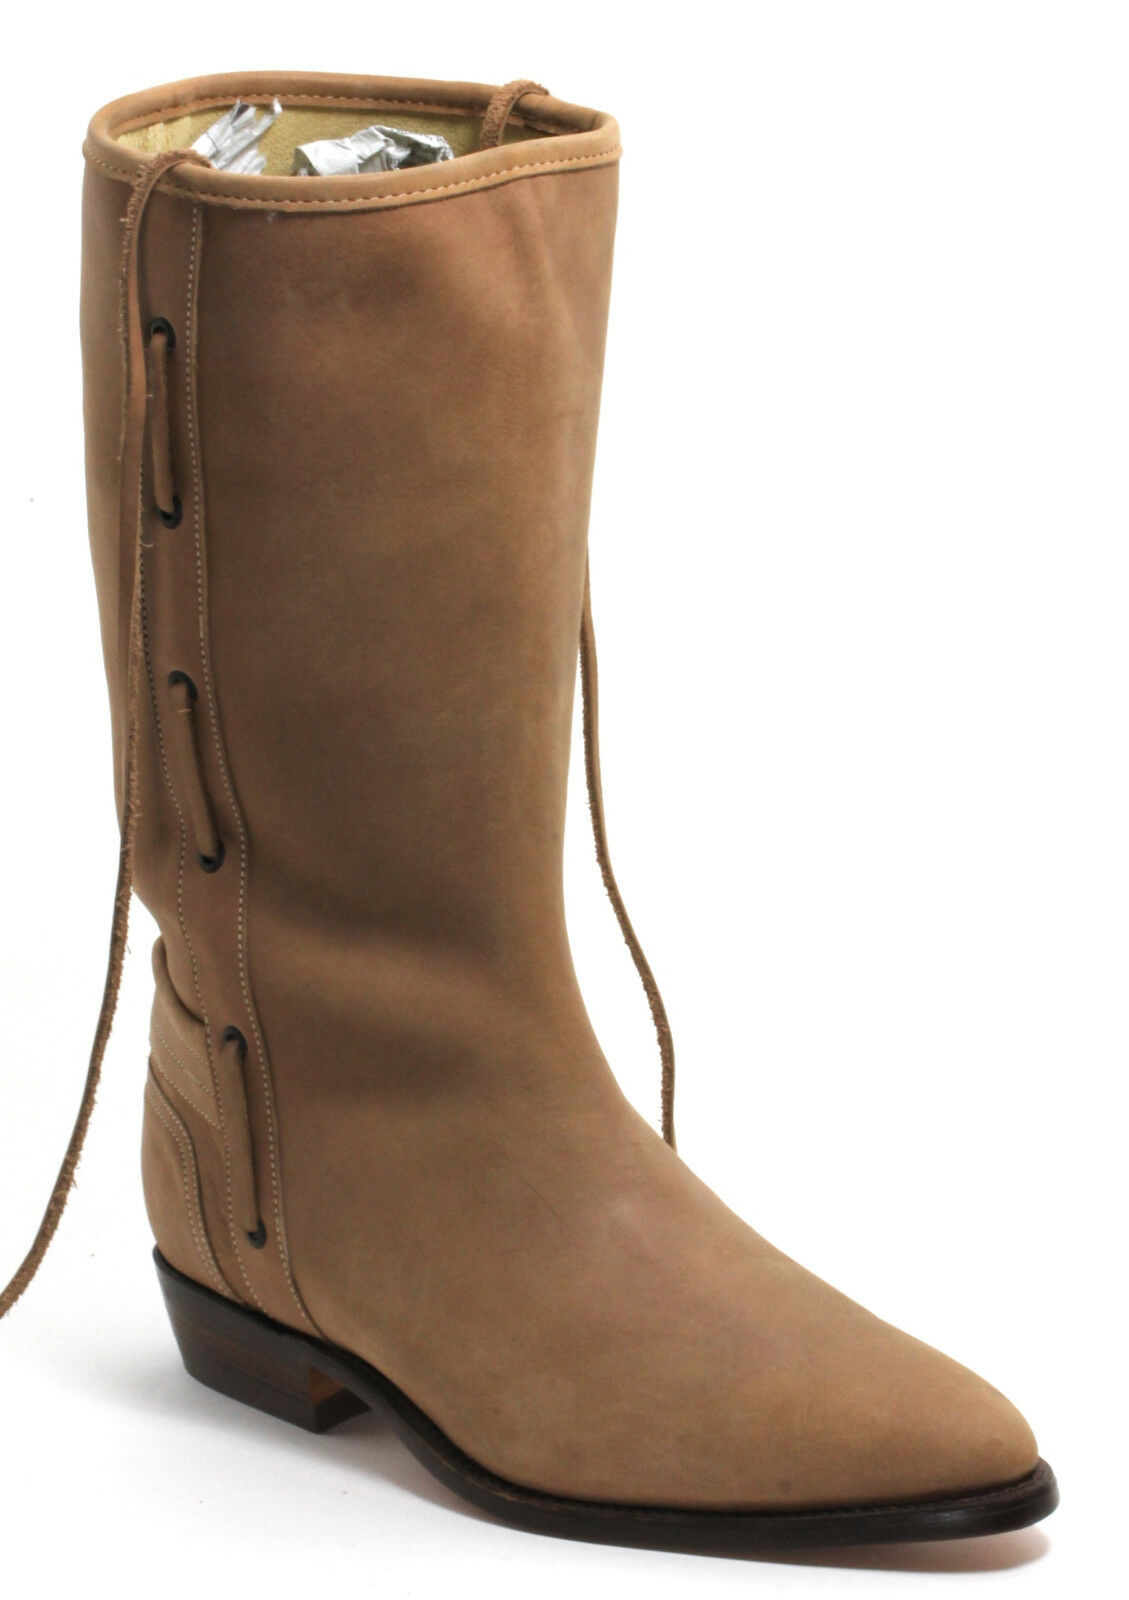 119 botas de vaquero Western botas botas de Texas Western cuero Oldstyle el canelo 45